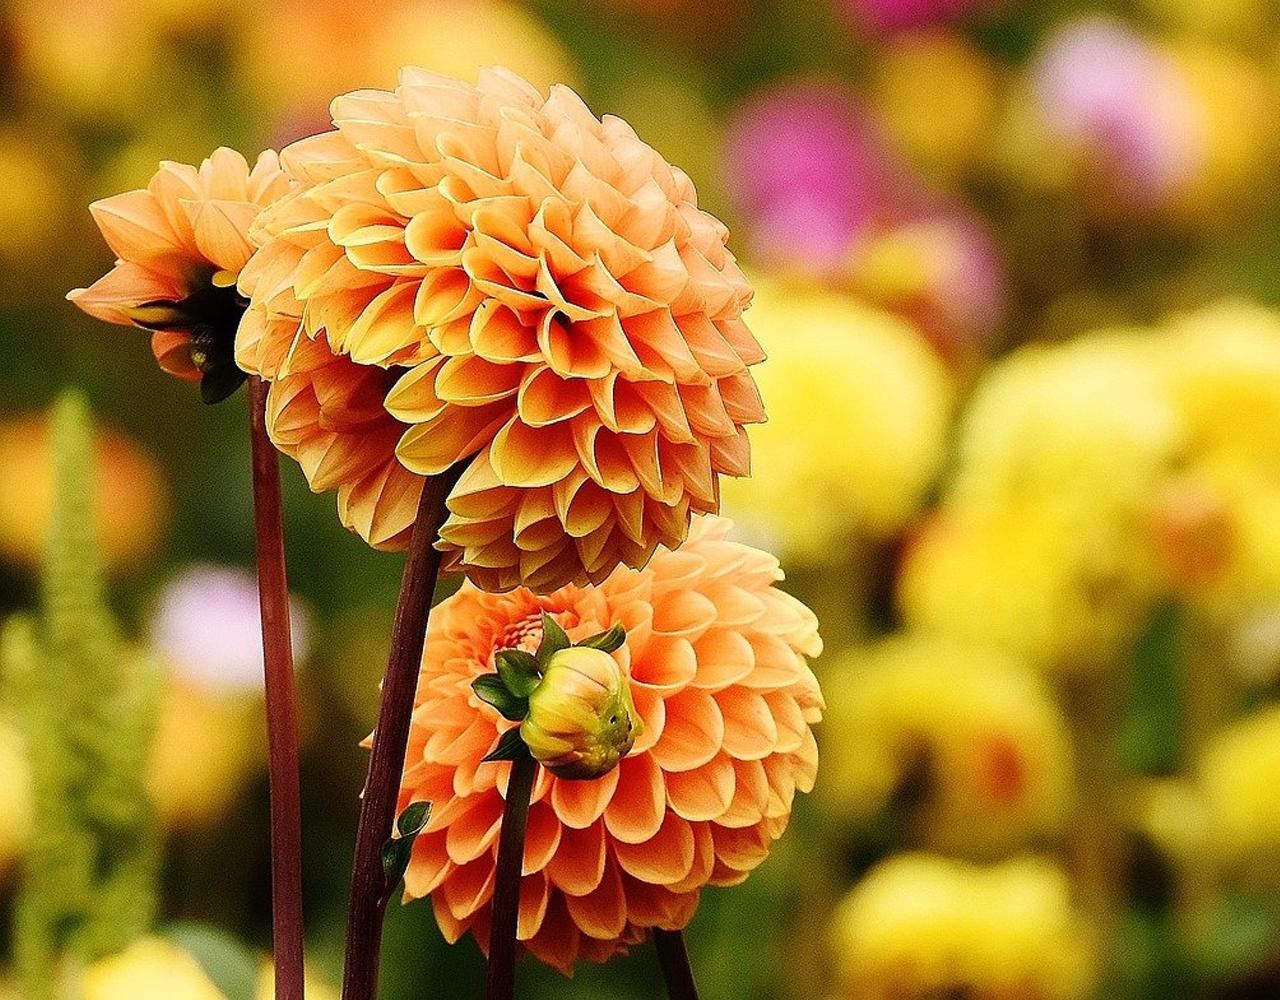 Dahlias - Your garden in April